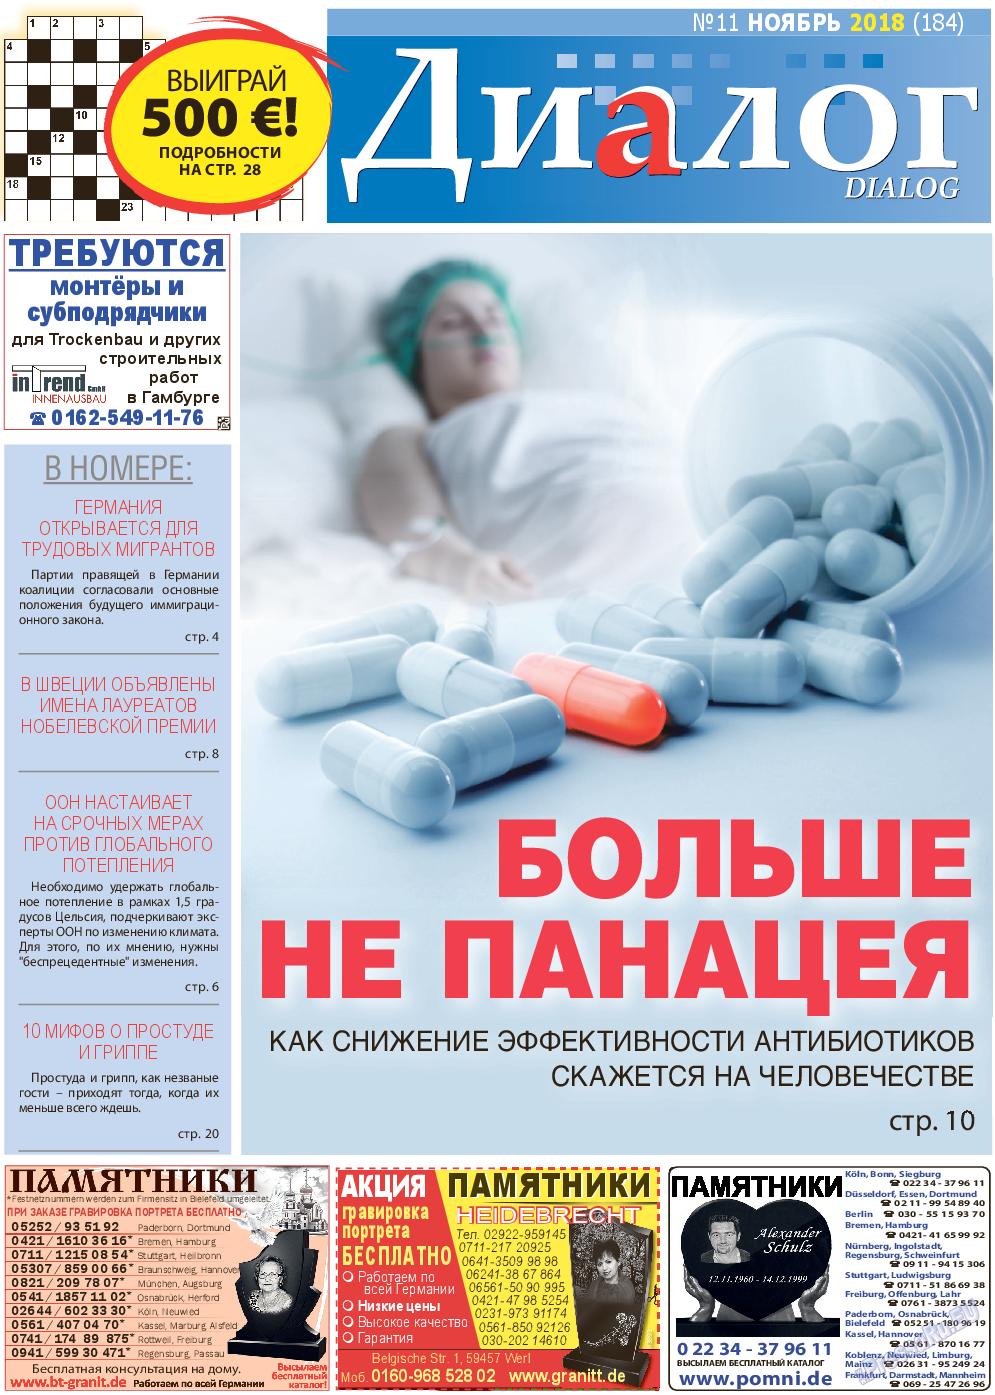 Диалог (газета). 2018 год, номер 11, стр. 1